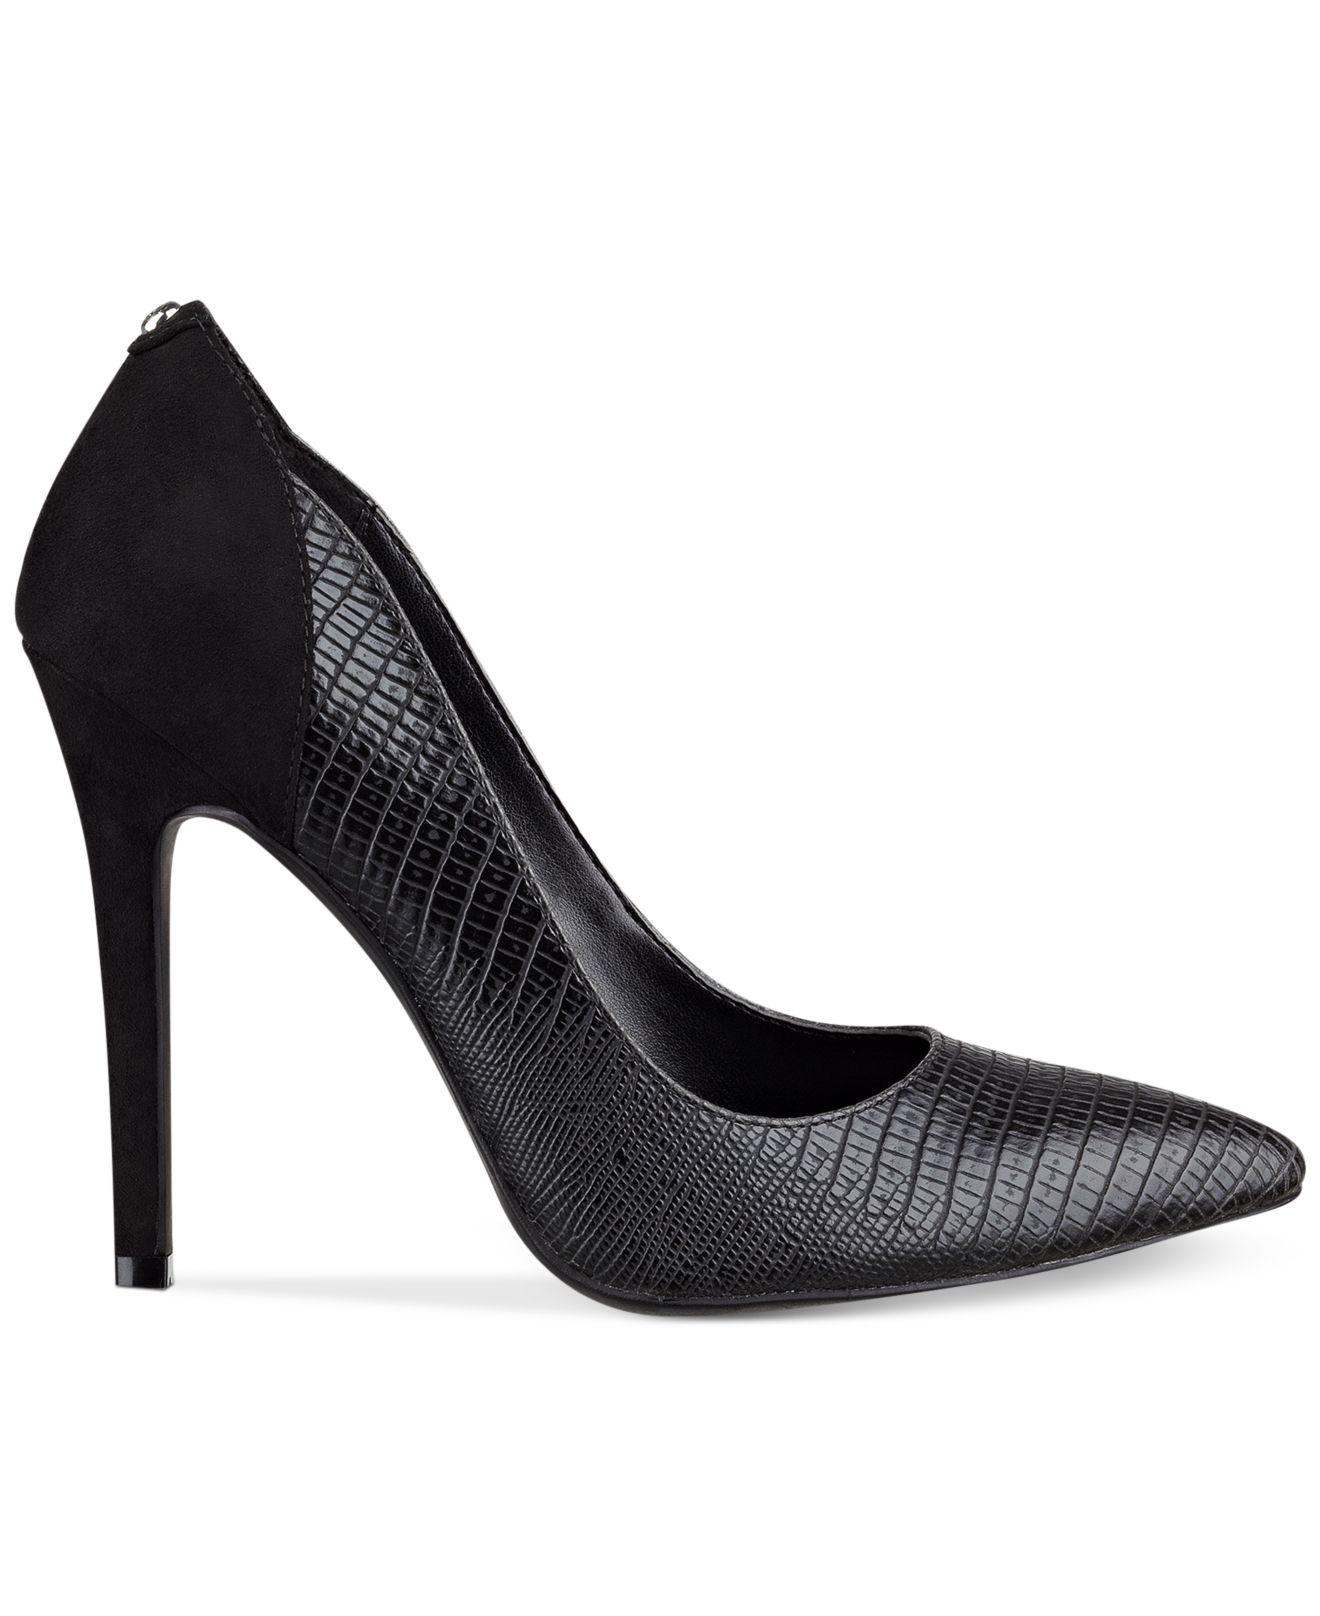 Guess Black Shoes